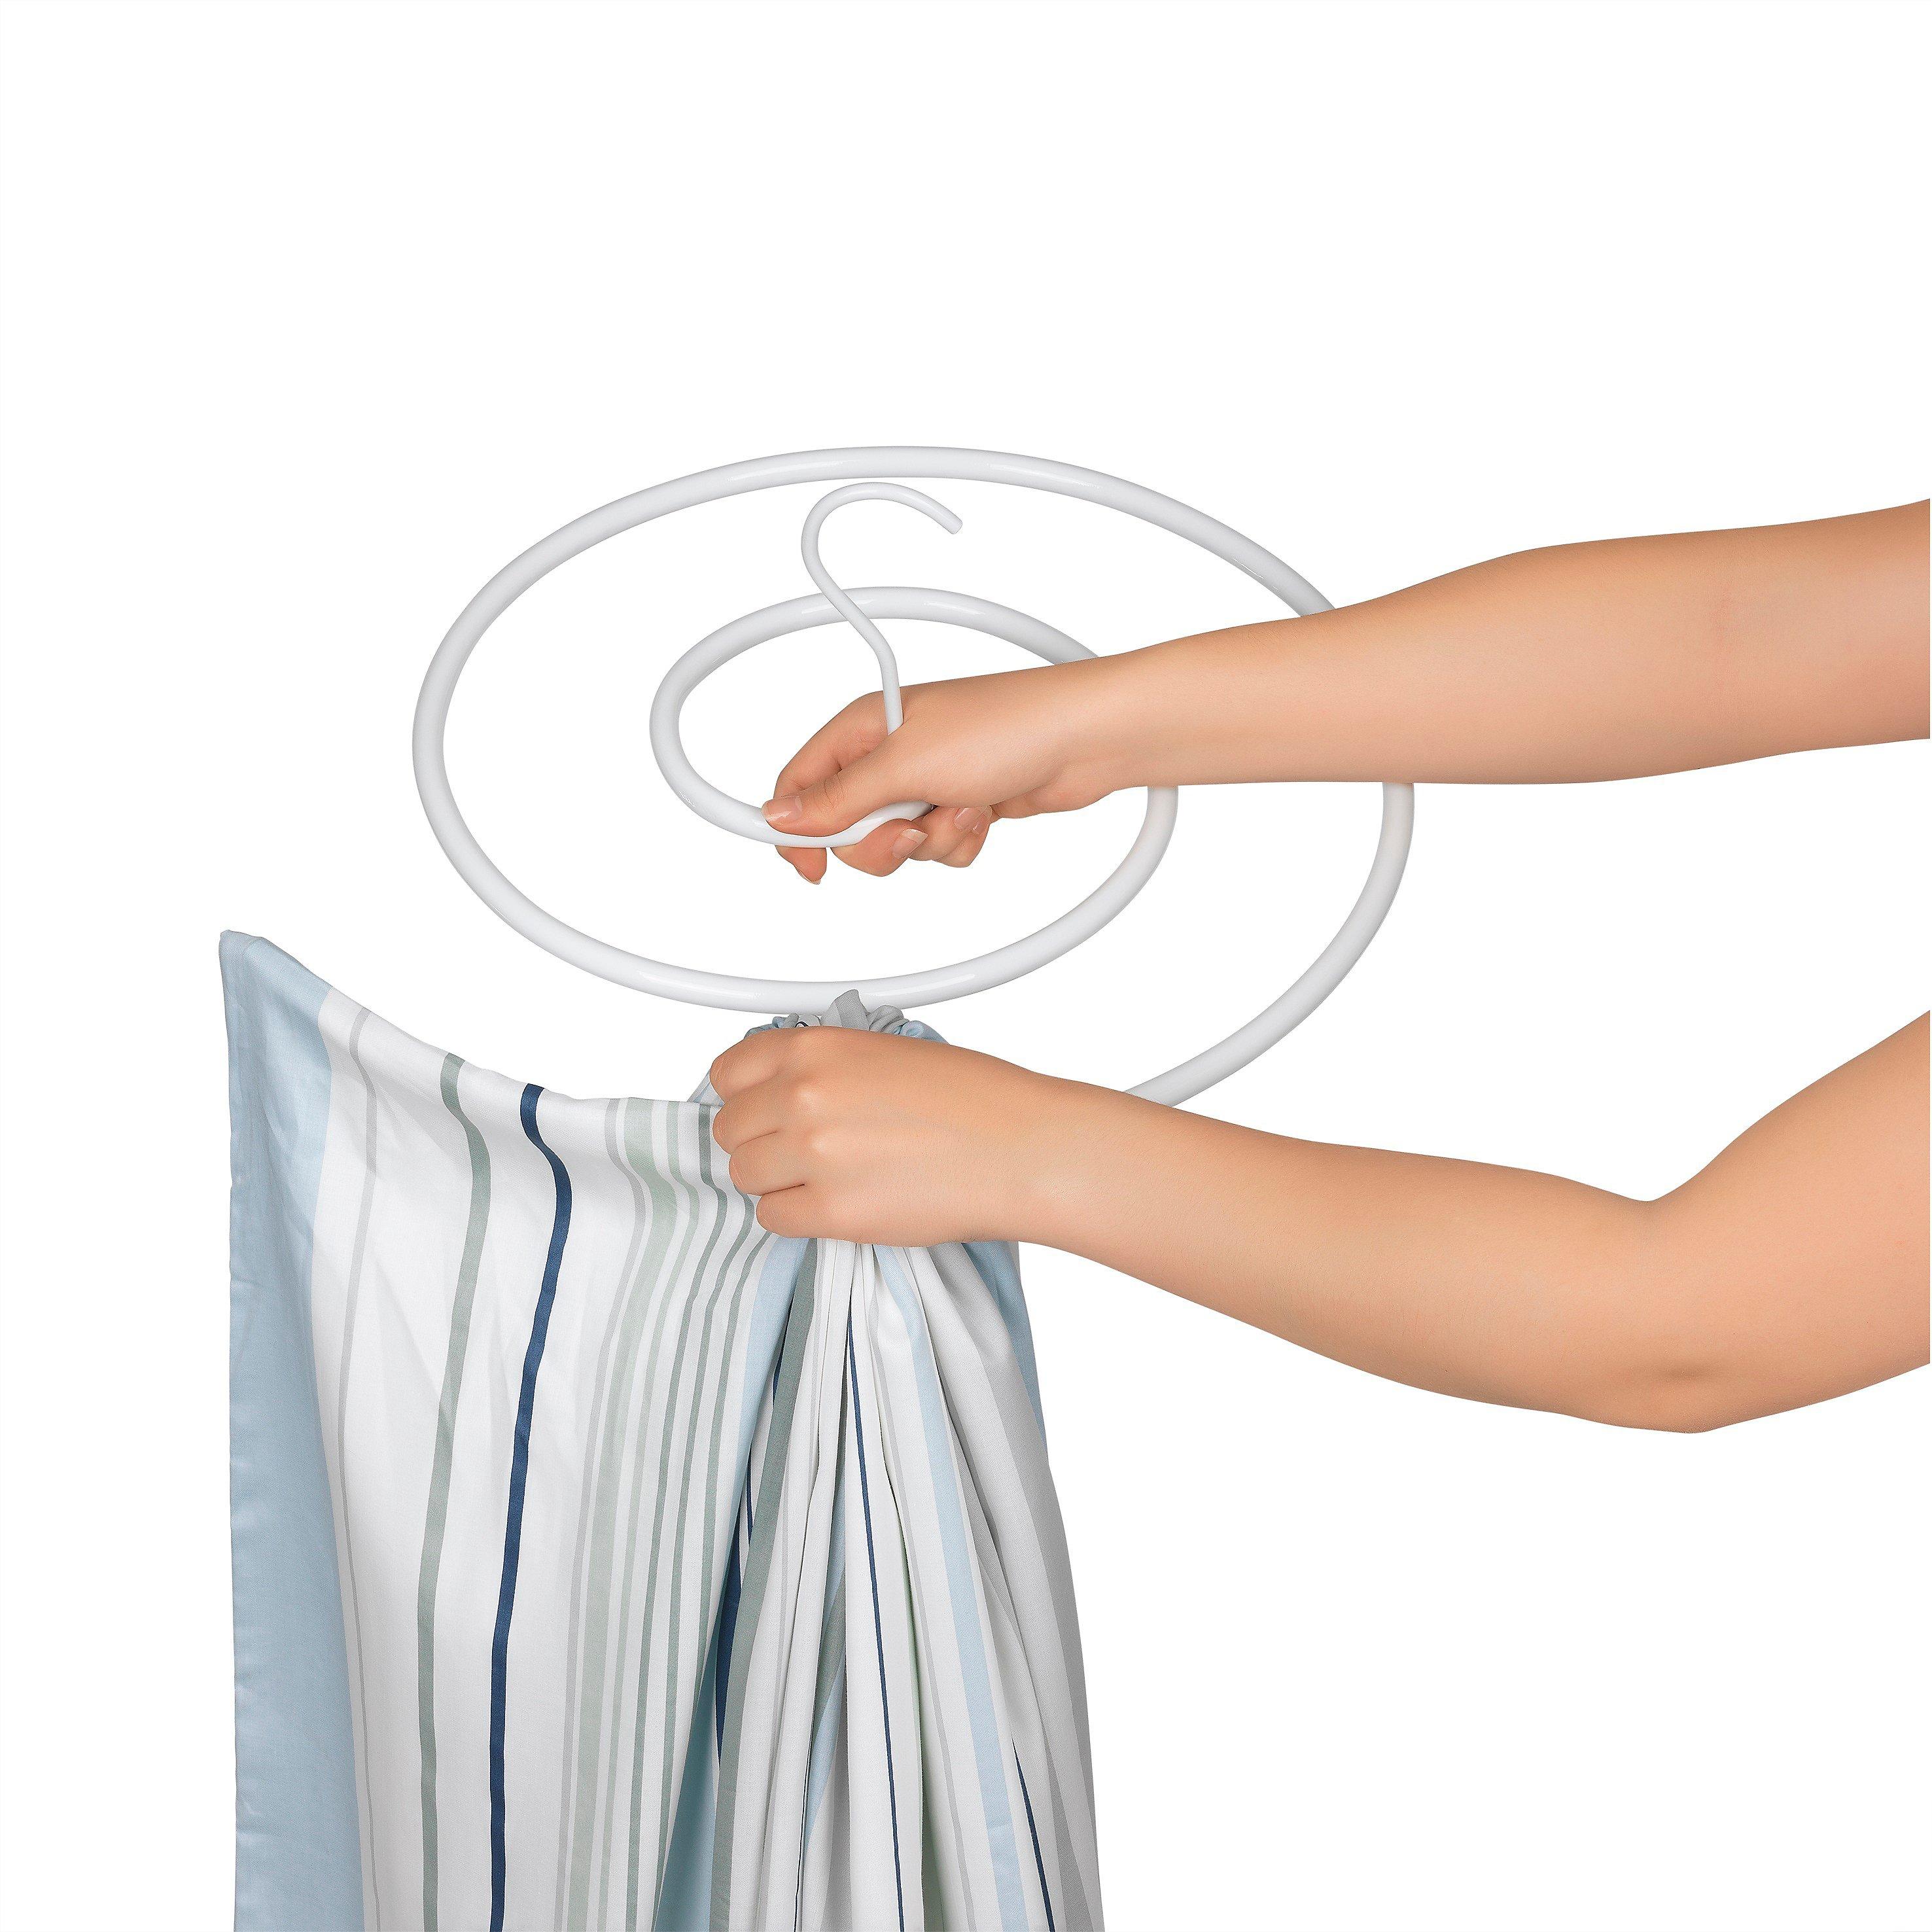 Trockenfix Wäschebügel Weiß Bei Weltbildde Bestellen